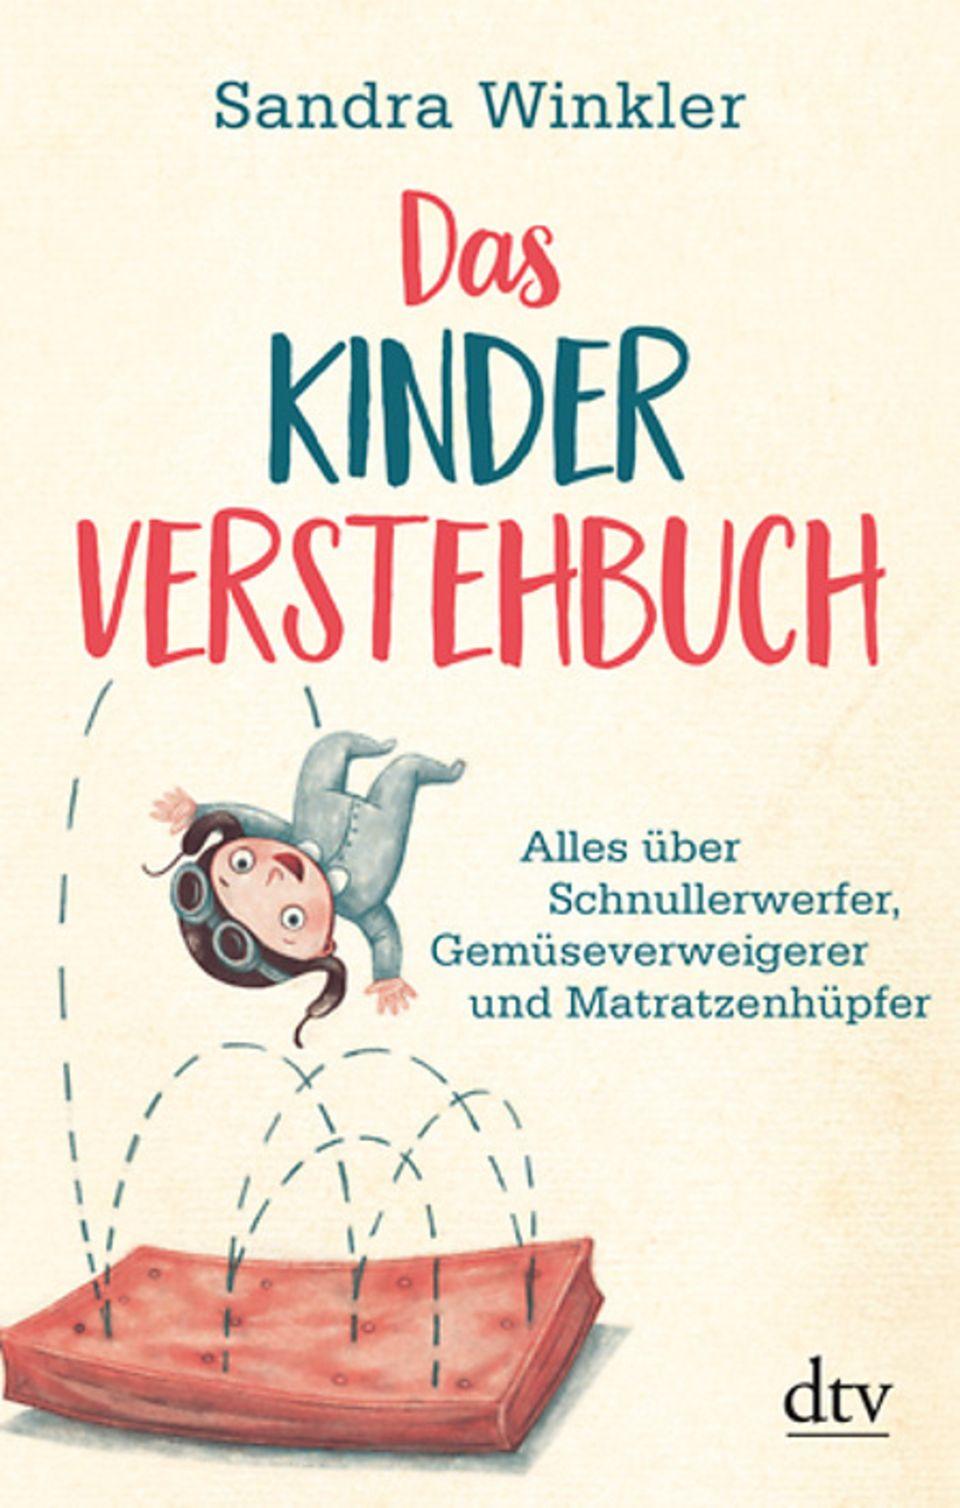 Das Kinderverstehbuch von Sandra Winkler